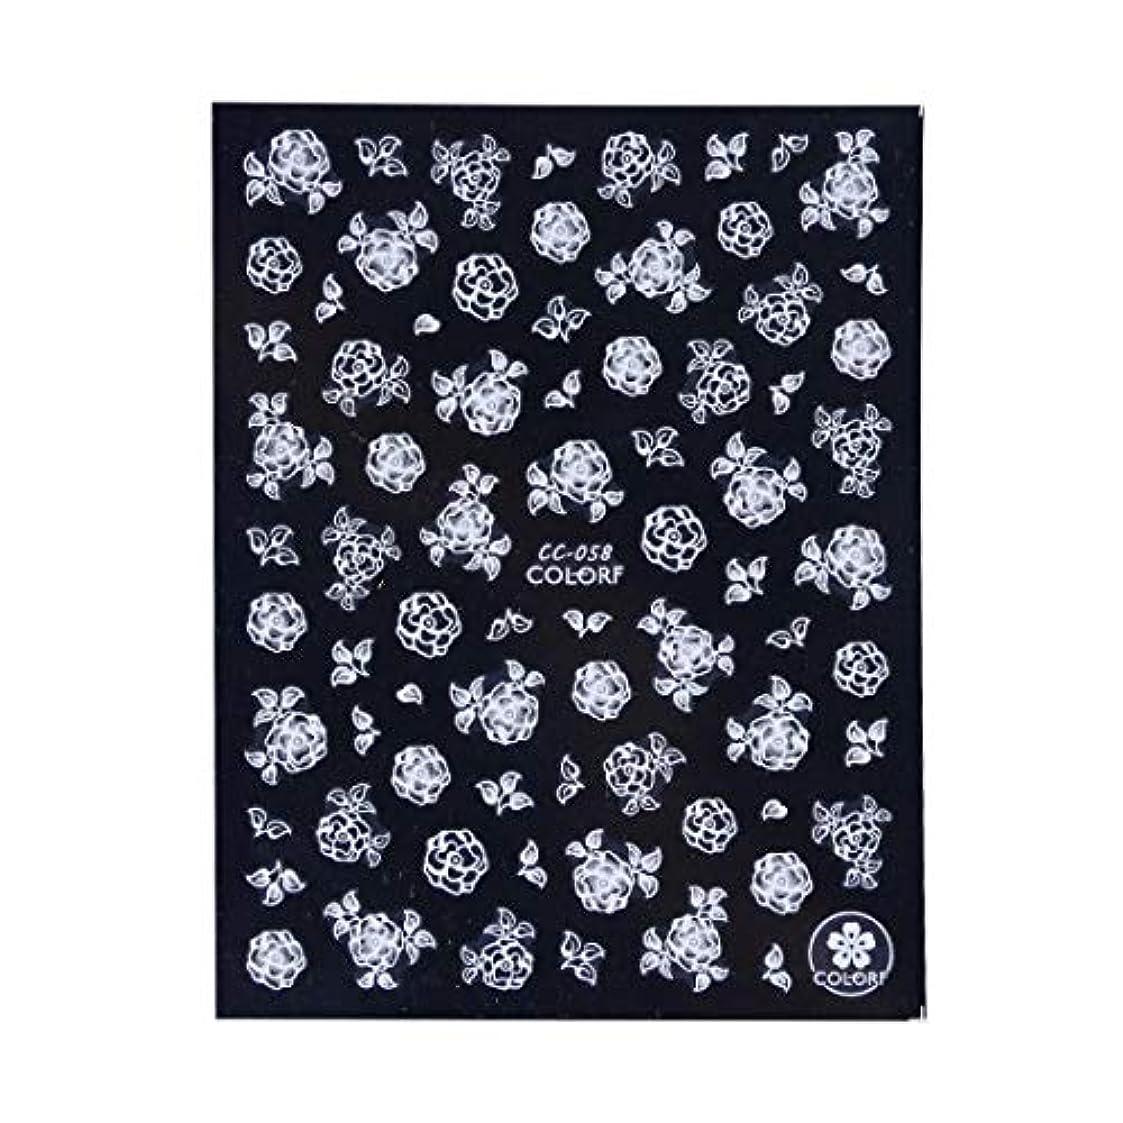 仮説納屋方法SUKTI&XIAO ネイルステッカー 白い花のネイルアートのステッカーのステッカーの蝶葉はスライダー3Dの自己接着釘の装飾、Cc058を設計します